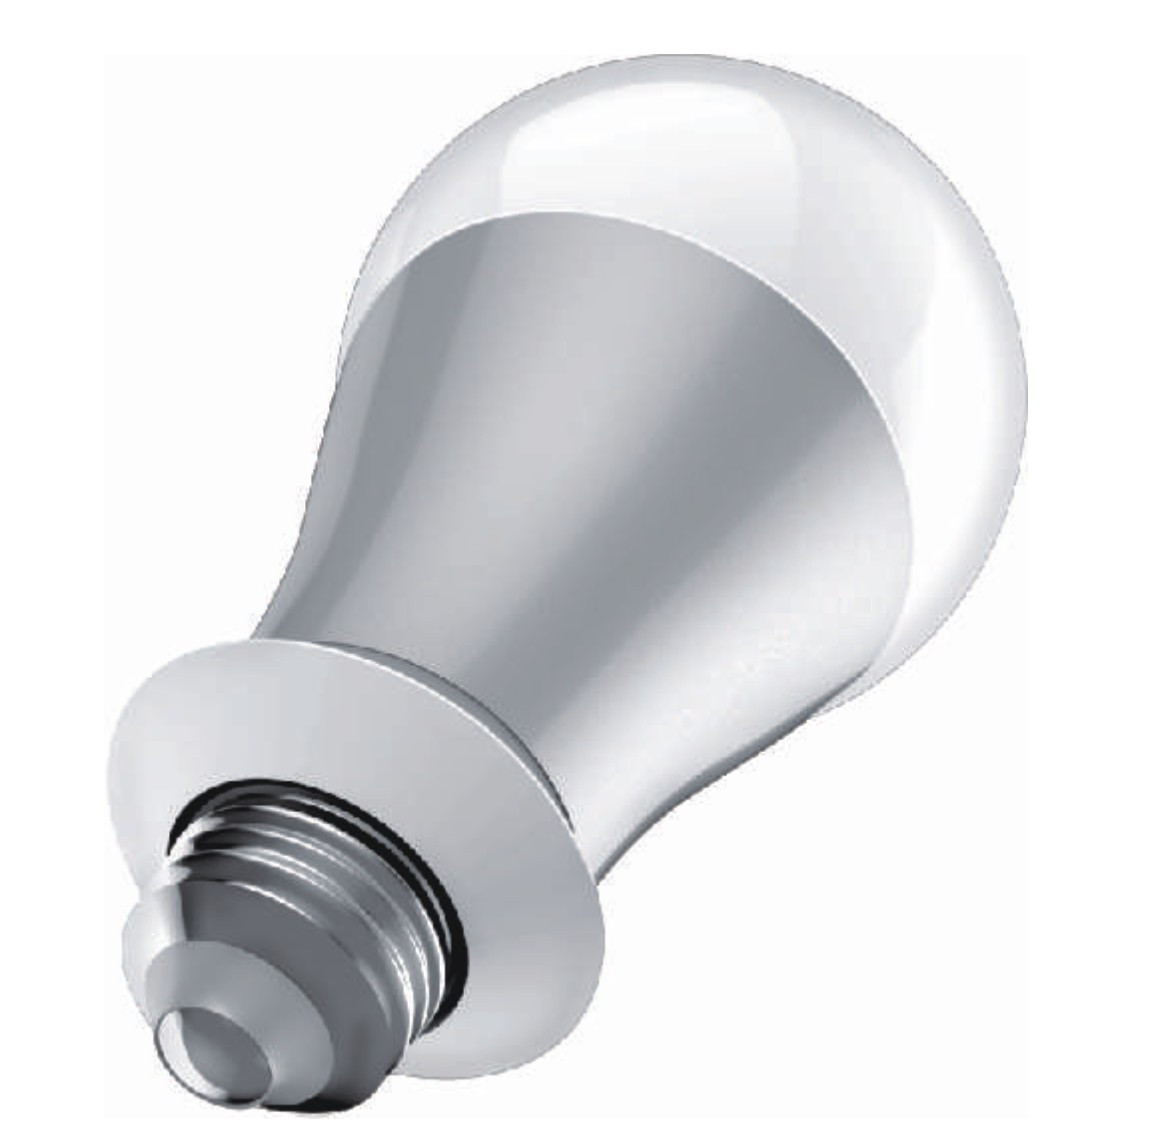 Светодиодная диммируемая лампа для птицефабрик и птичников 11W Е27 3000K